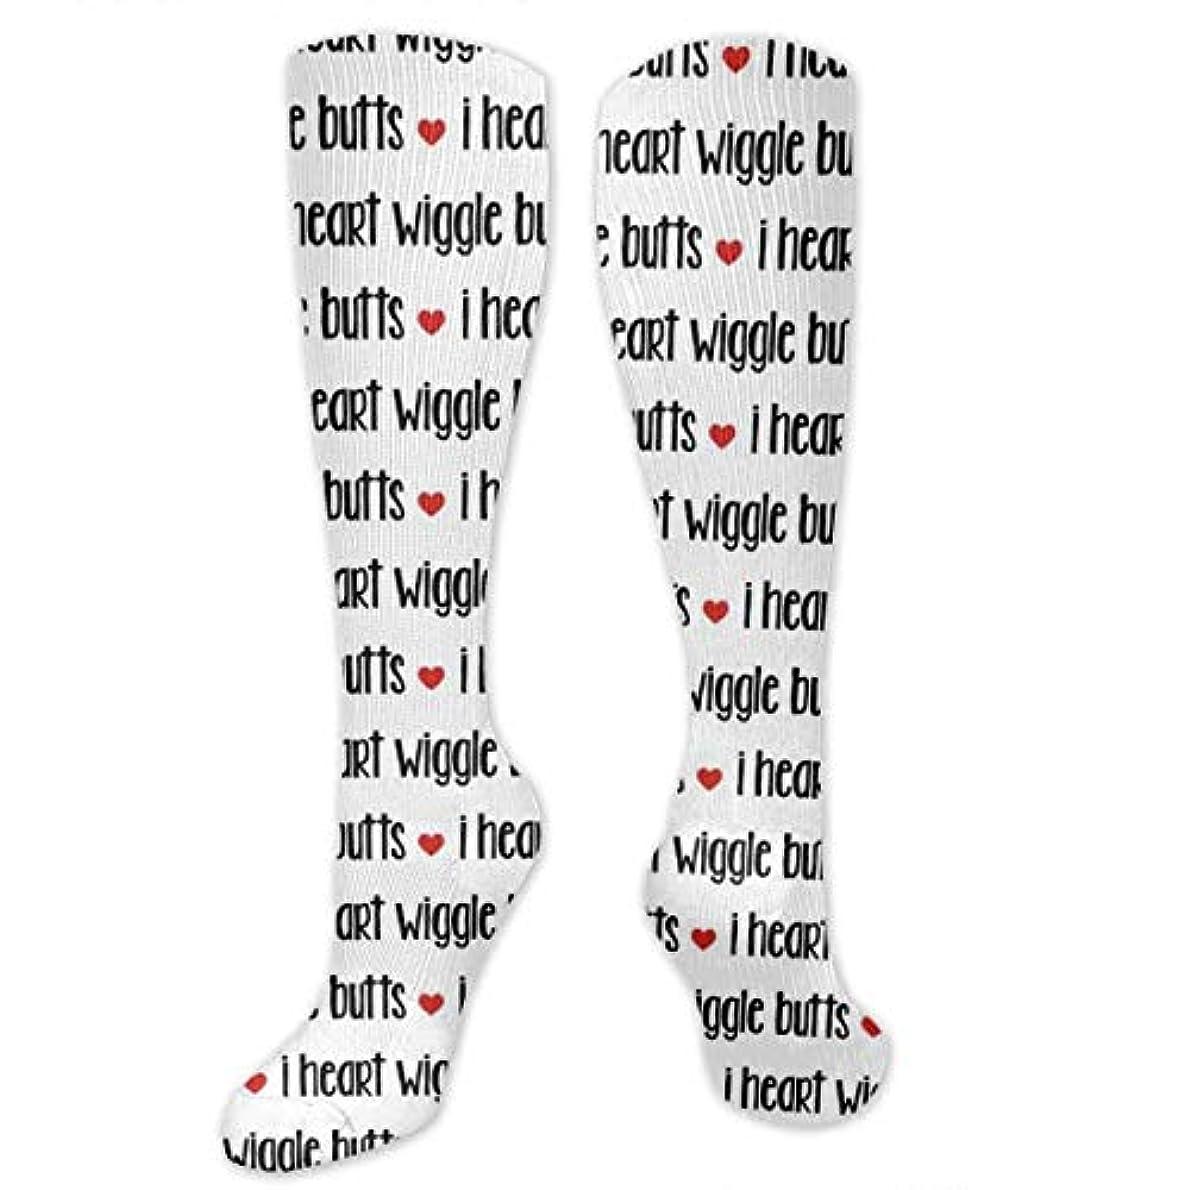 ヒロイック遮る彼女靴下,ストッキング,野生のジョーカー,実際,秋の本質,冬必須,サマーウェア&RBXAA I Love Dogs Socks Women's Winter Cotton Long Tube Socks Cotton Solid...